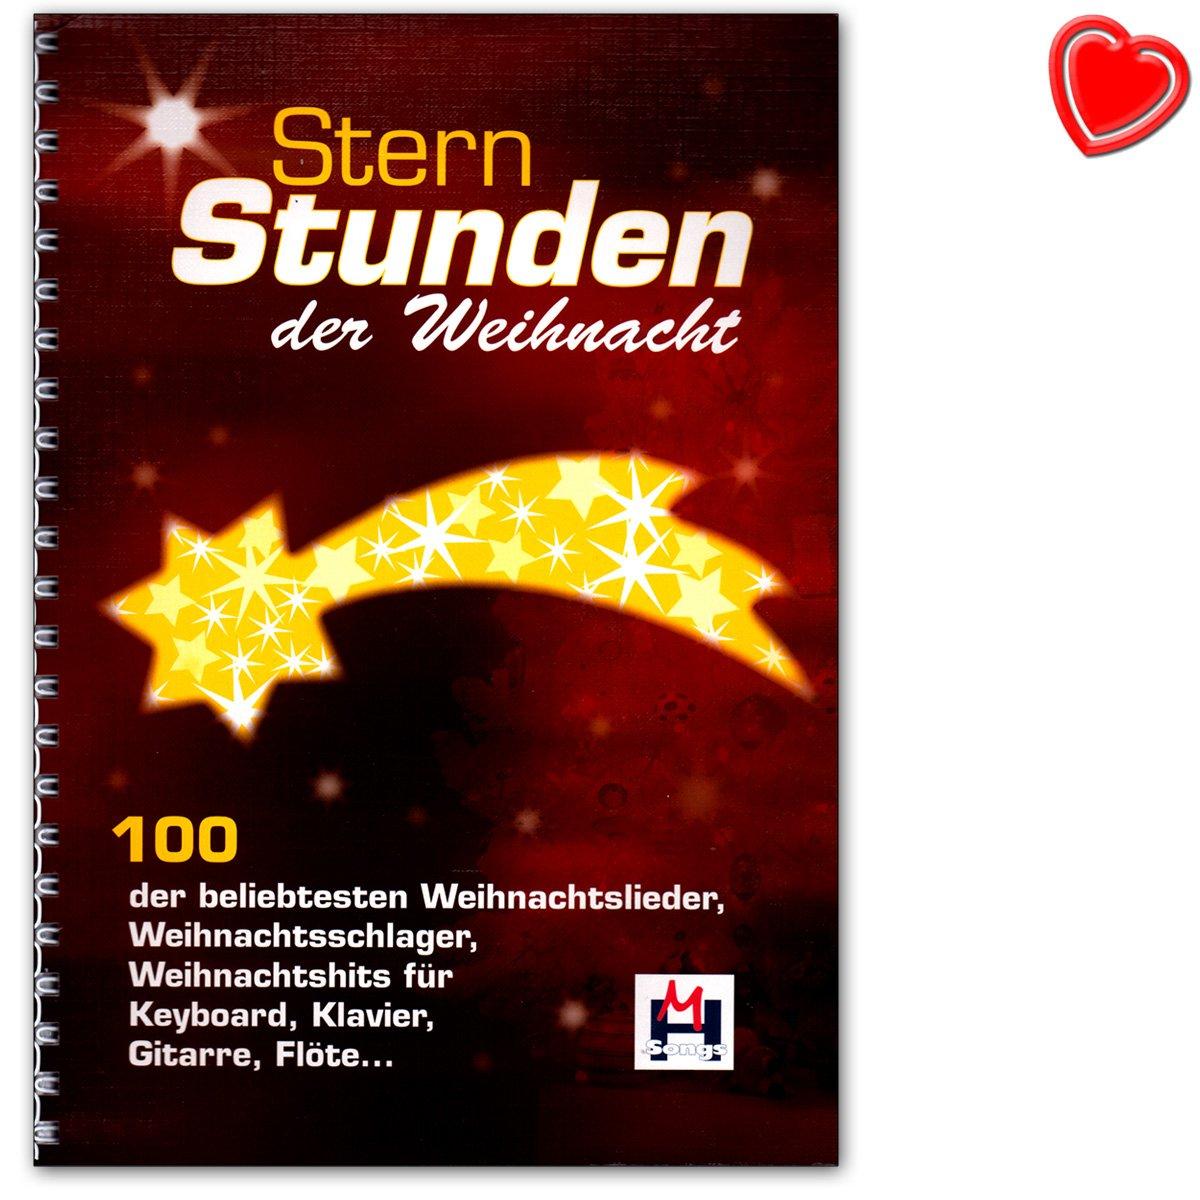 Sternstunden der Weihnacht - 100 der beliebtesten Weihnachtslieder ...